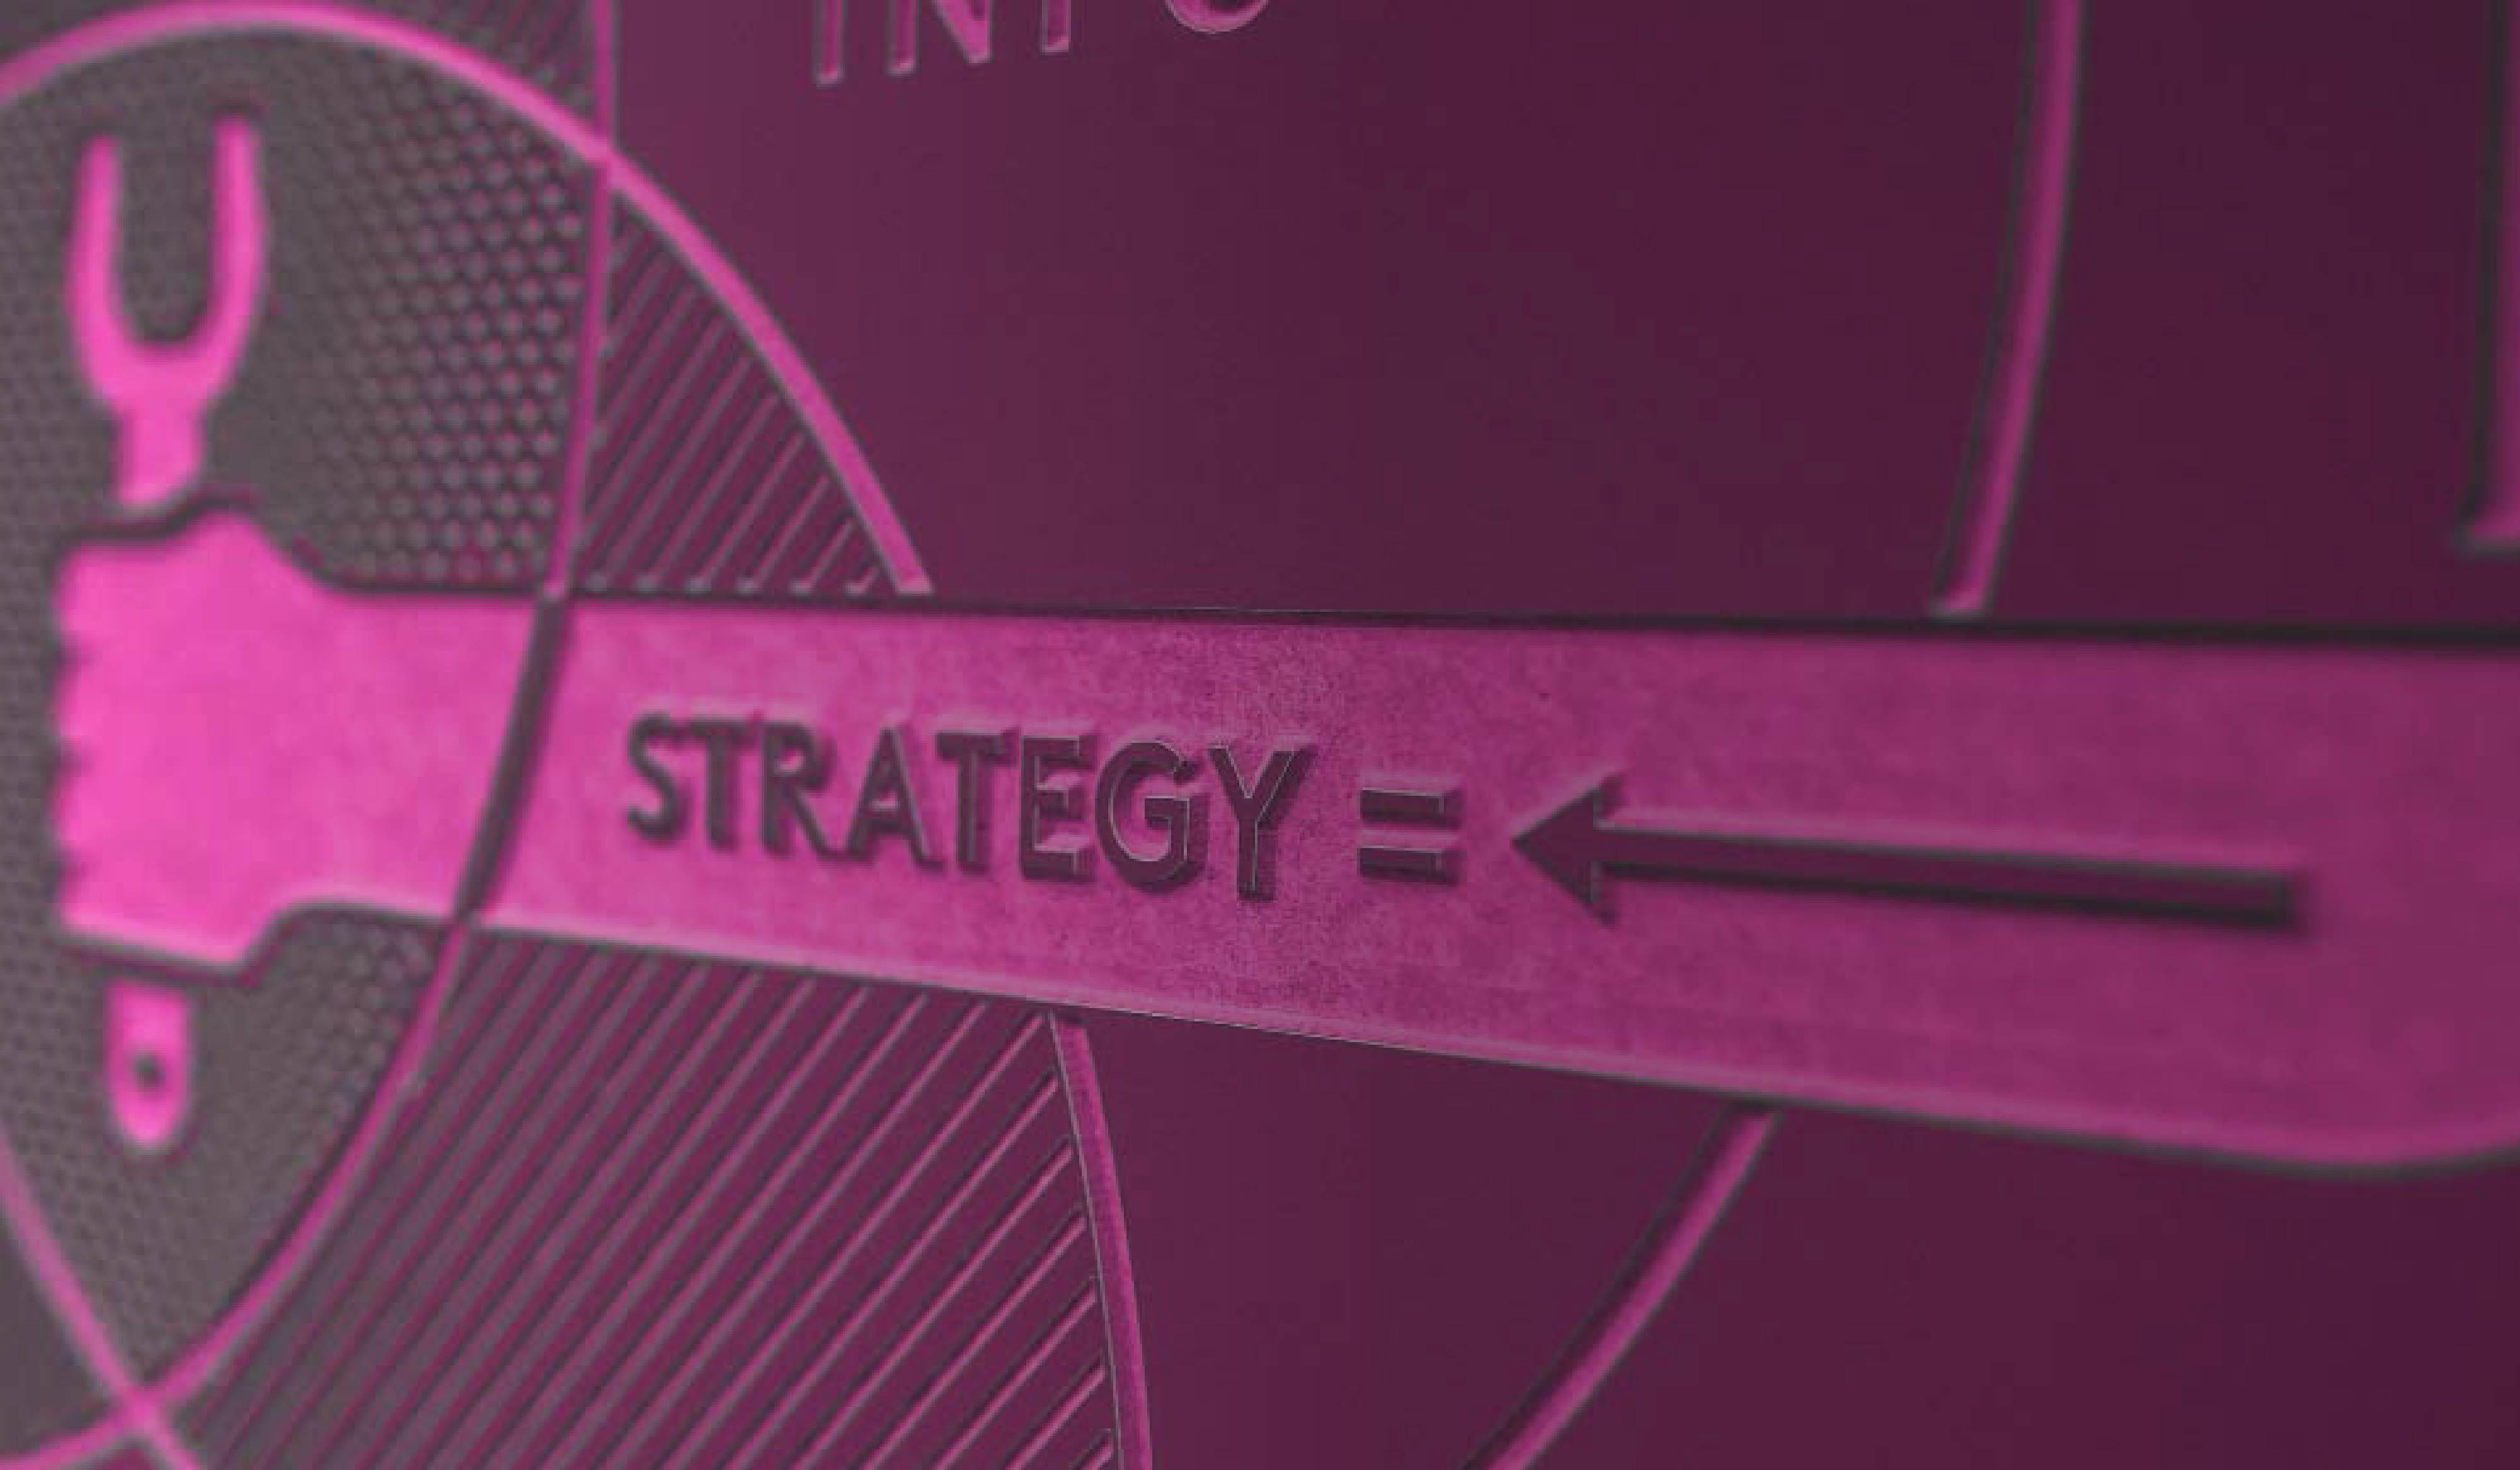 Estrategy2 01